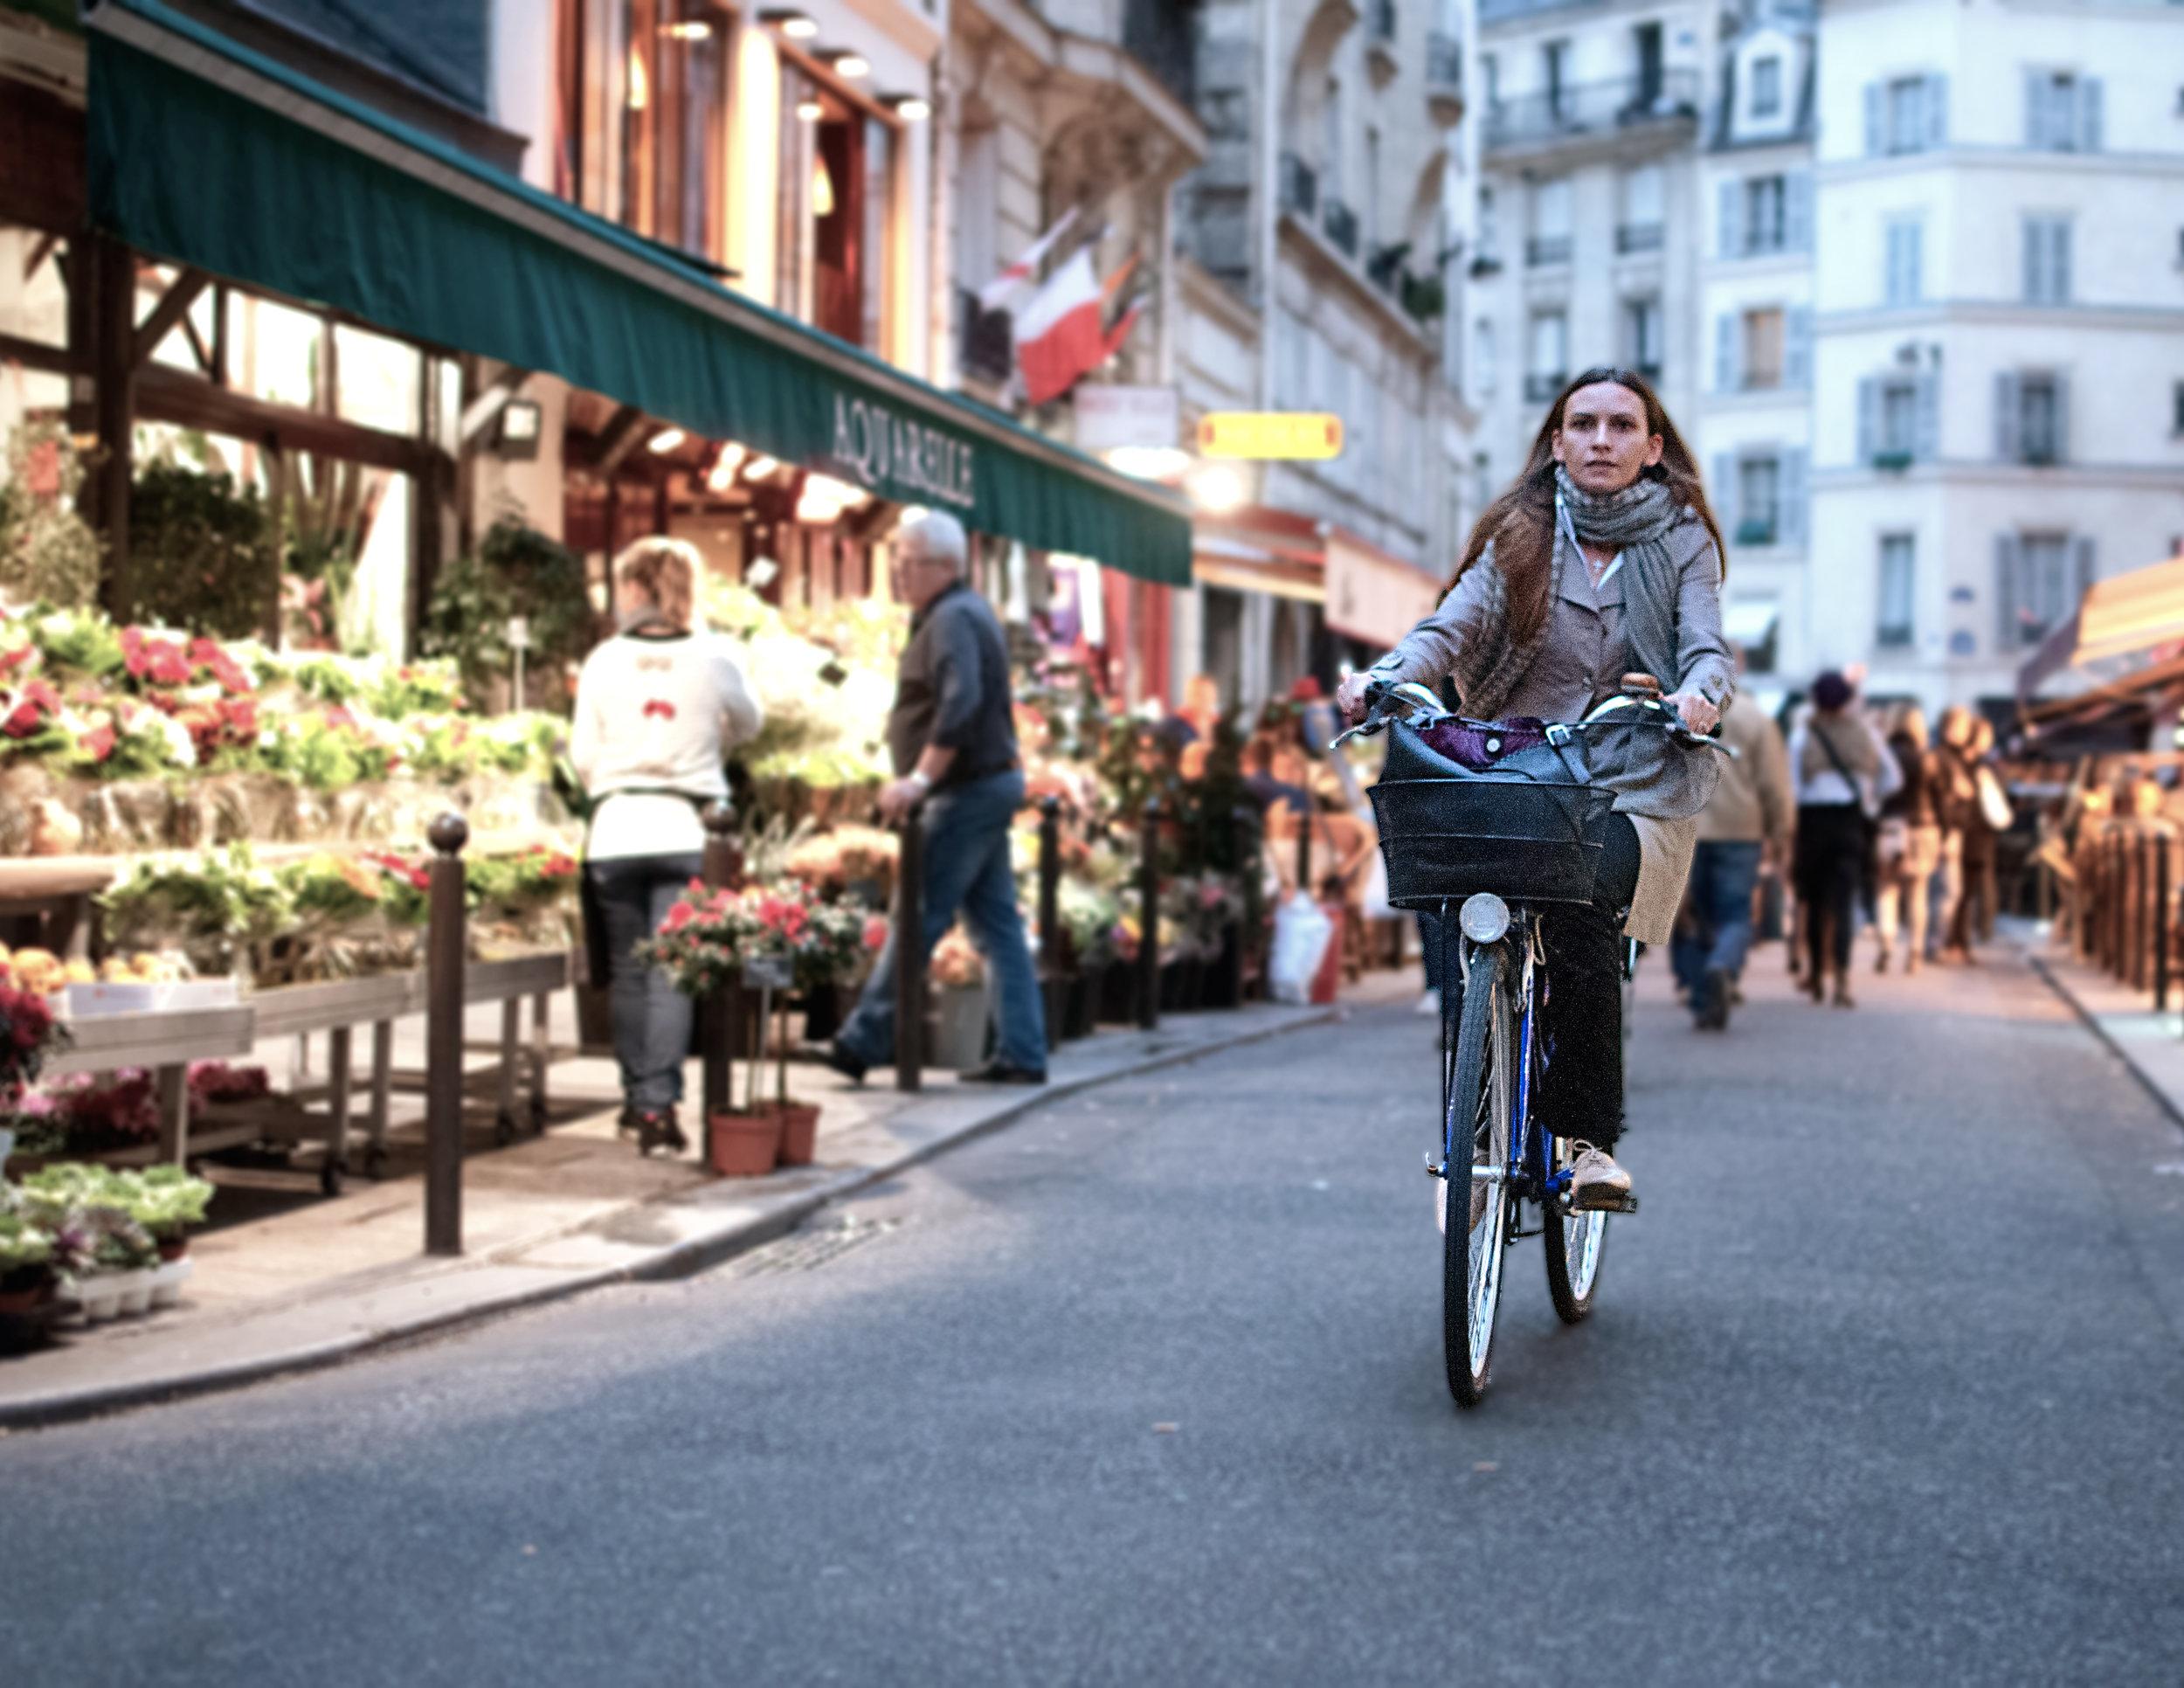 Buci_Bike_02--11x8.5.jpg